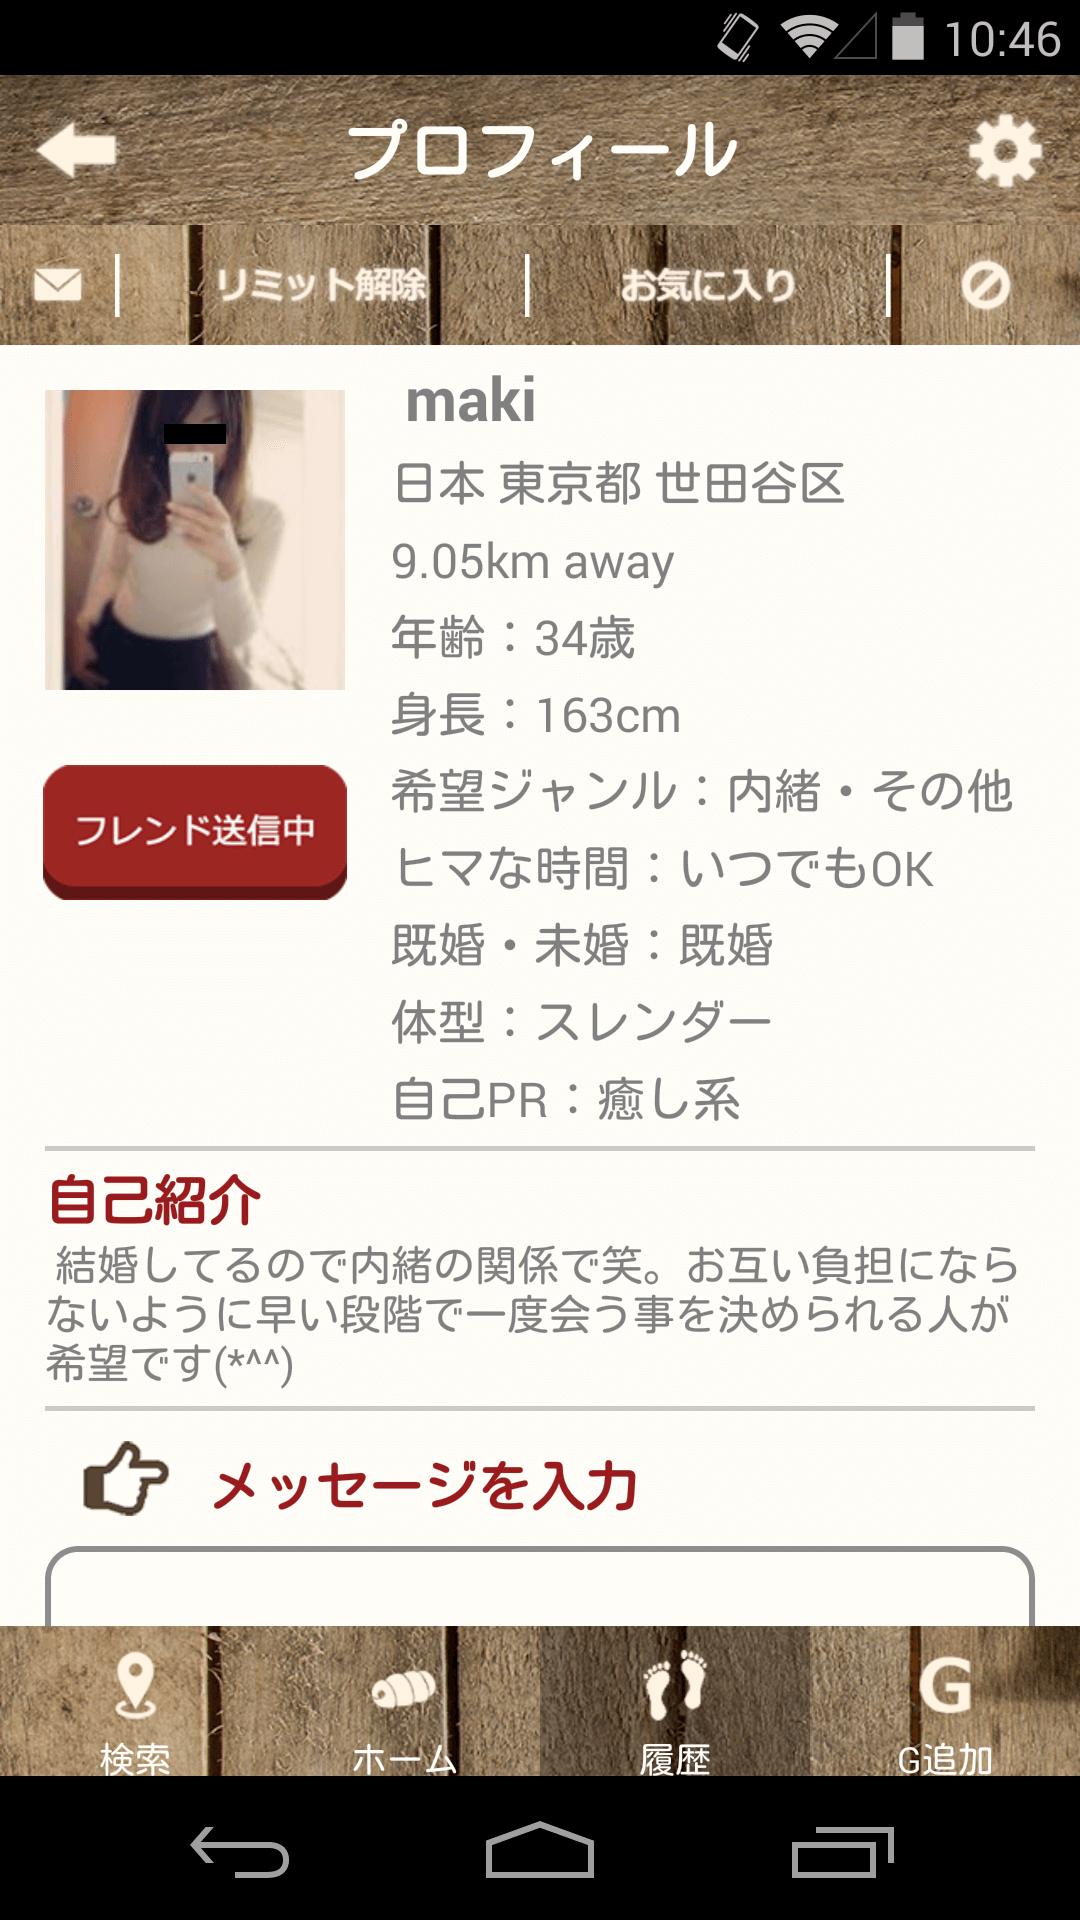 コロネ-グルメ情報交換アプリ!-サクラのmaki